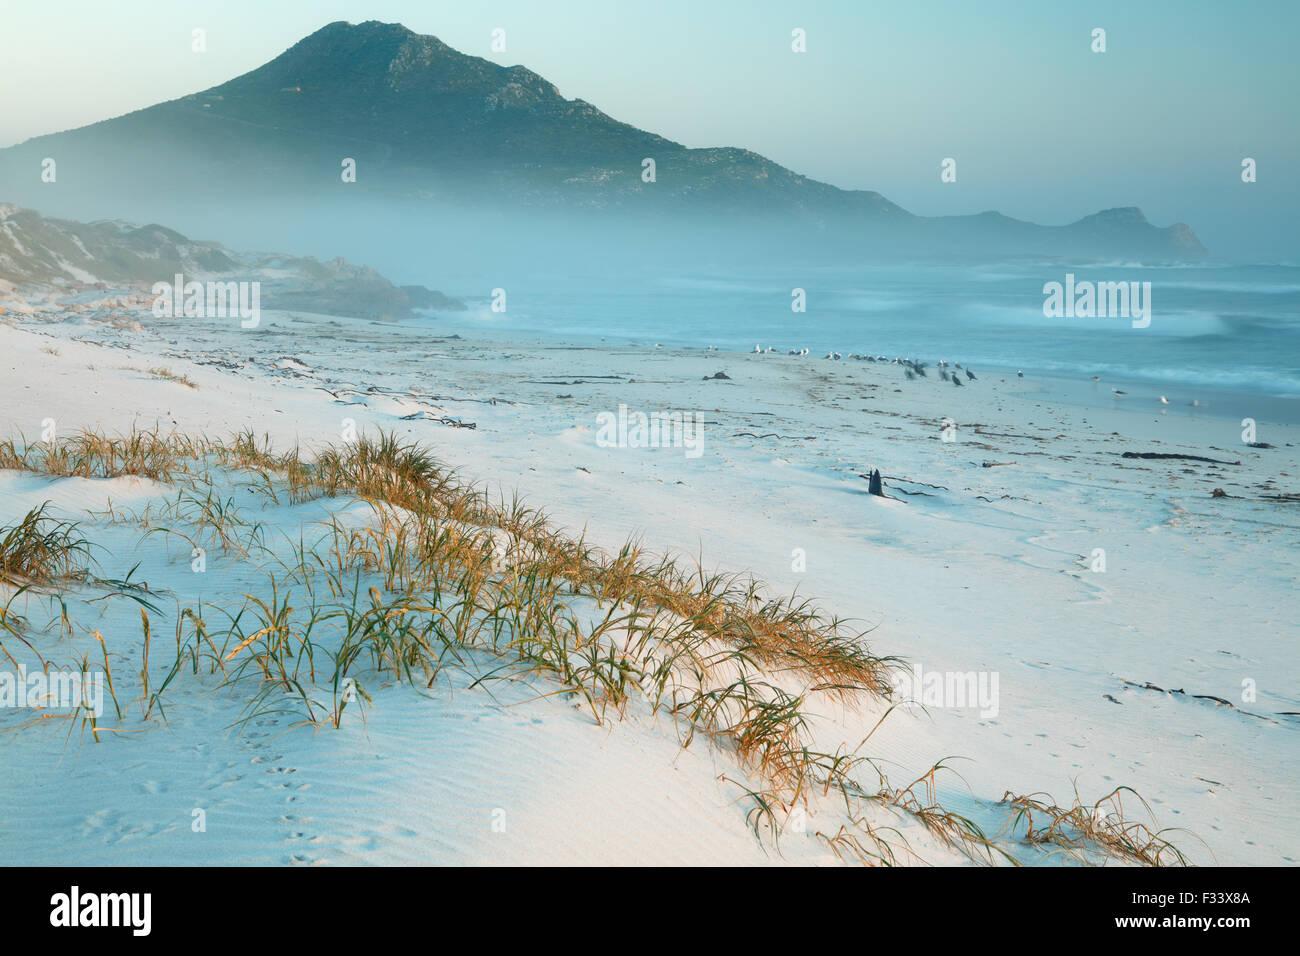 Cormoranes y gaviotas en Platboom Beach y el Cabo de Buena Esperanza, Cape Point, Sudáfrica Imagen De Stock